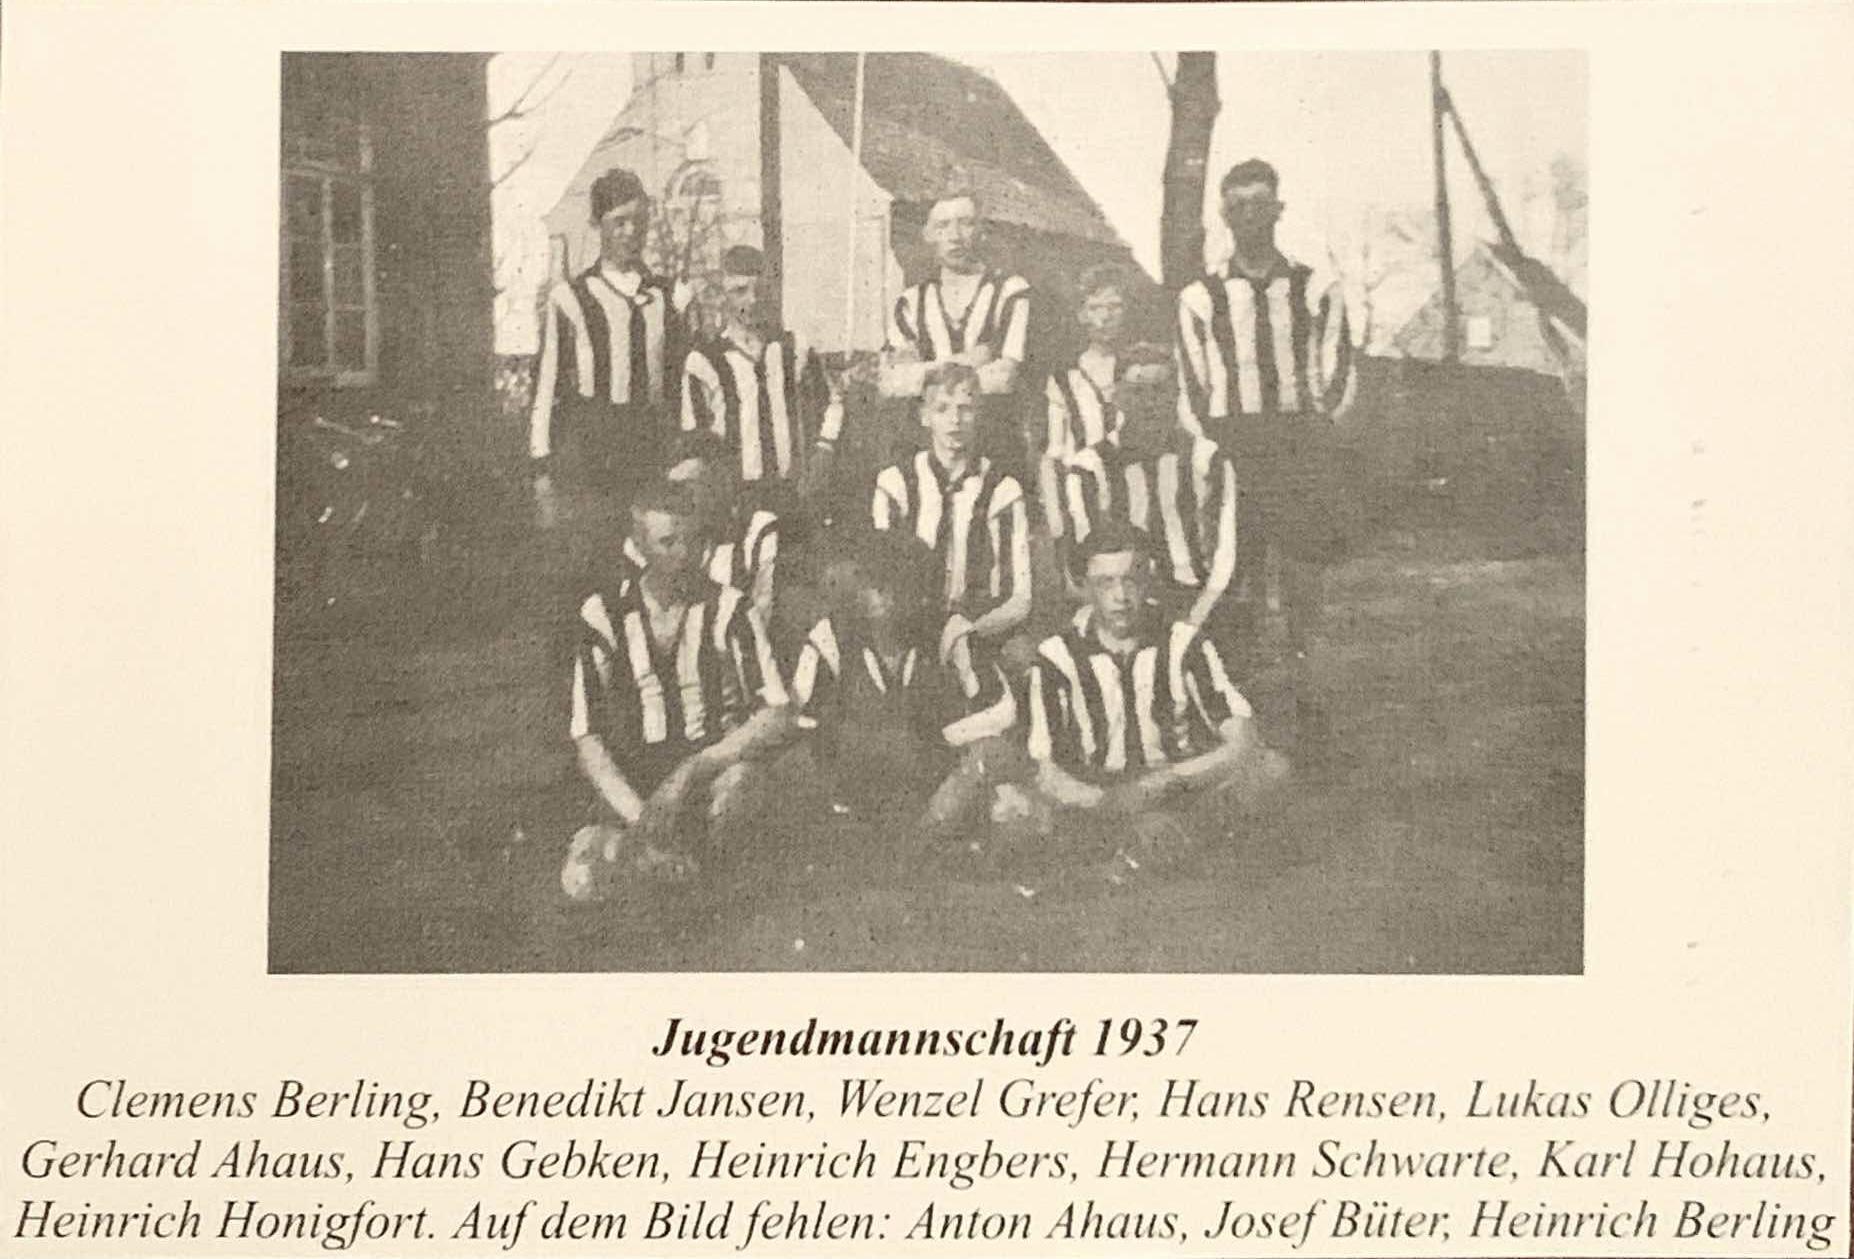 Jugendmannschaft1937